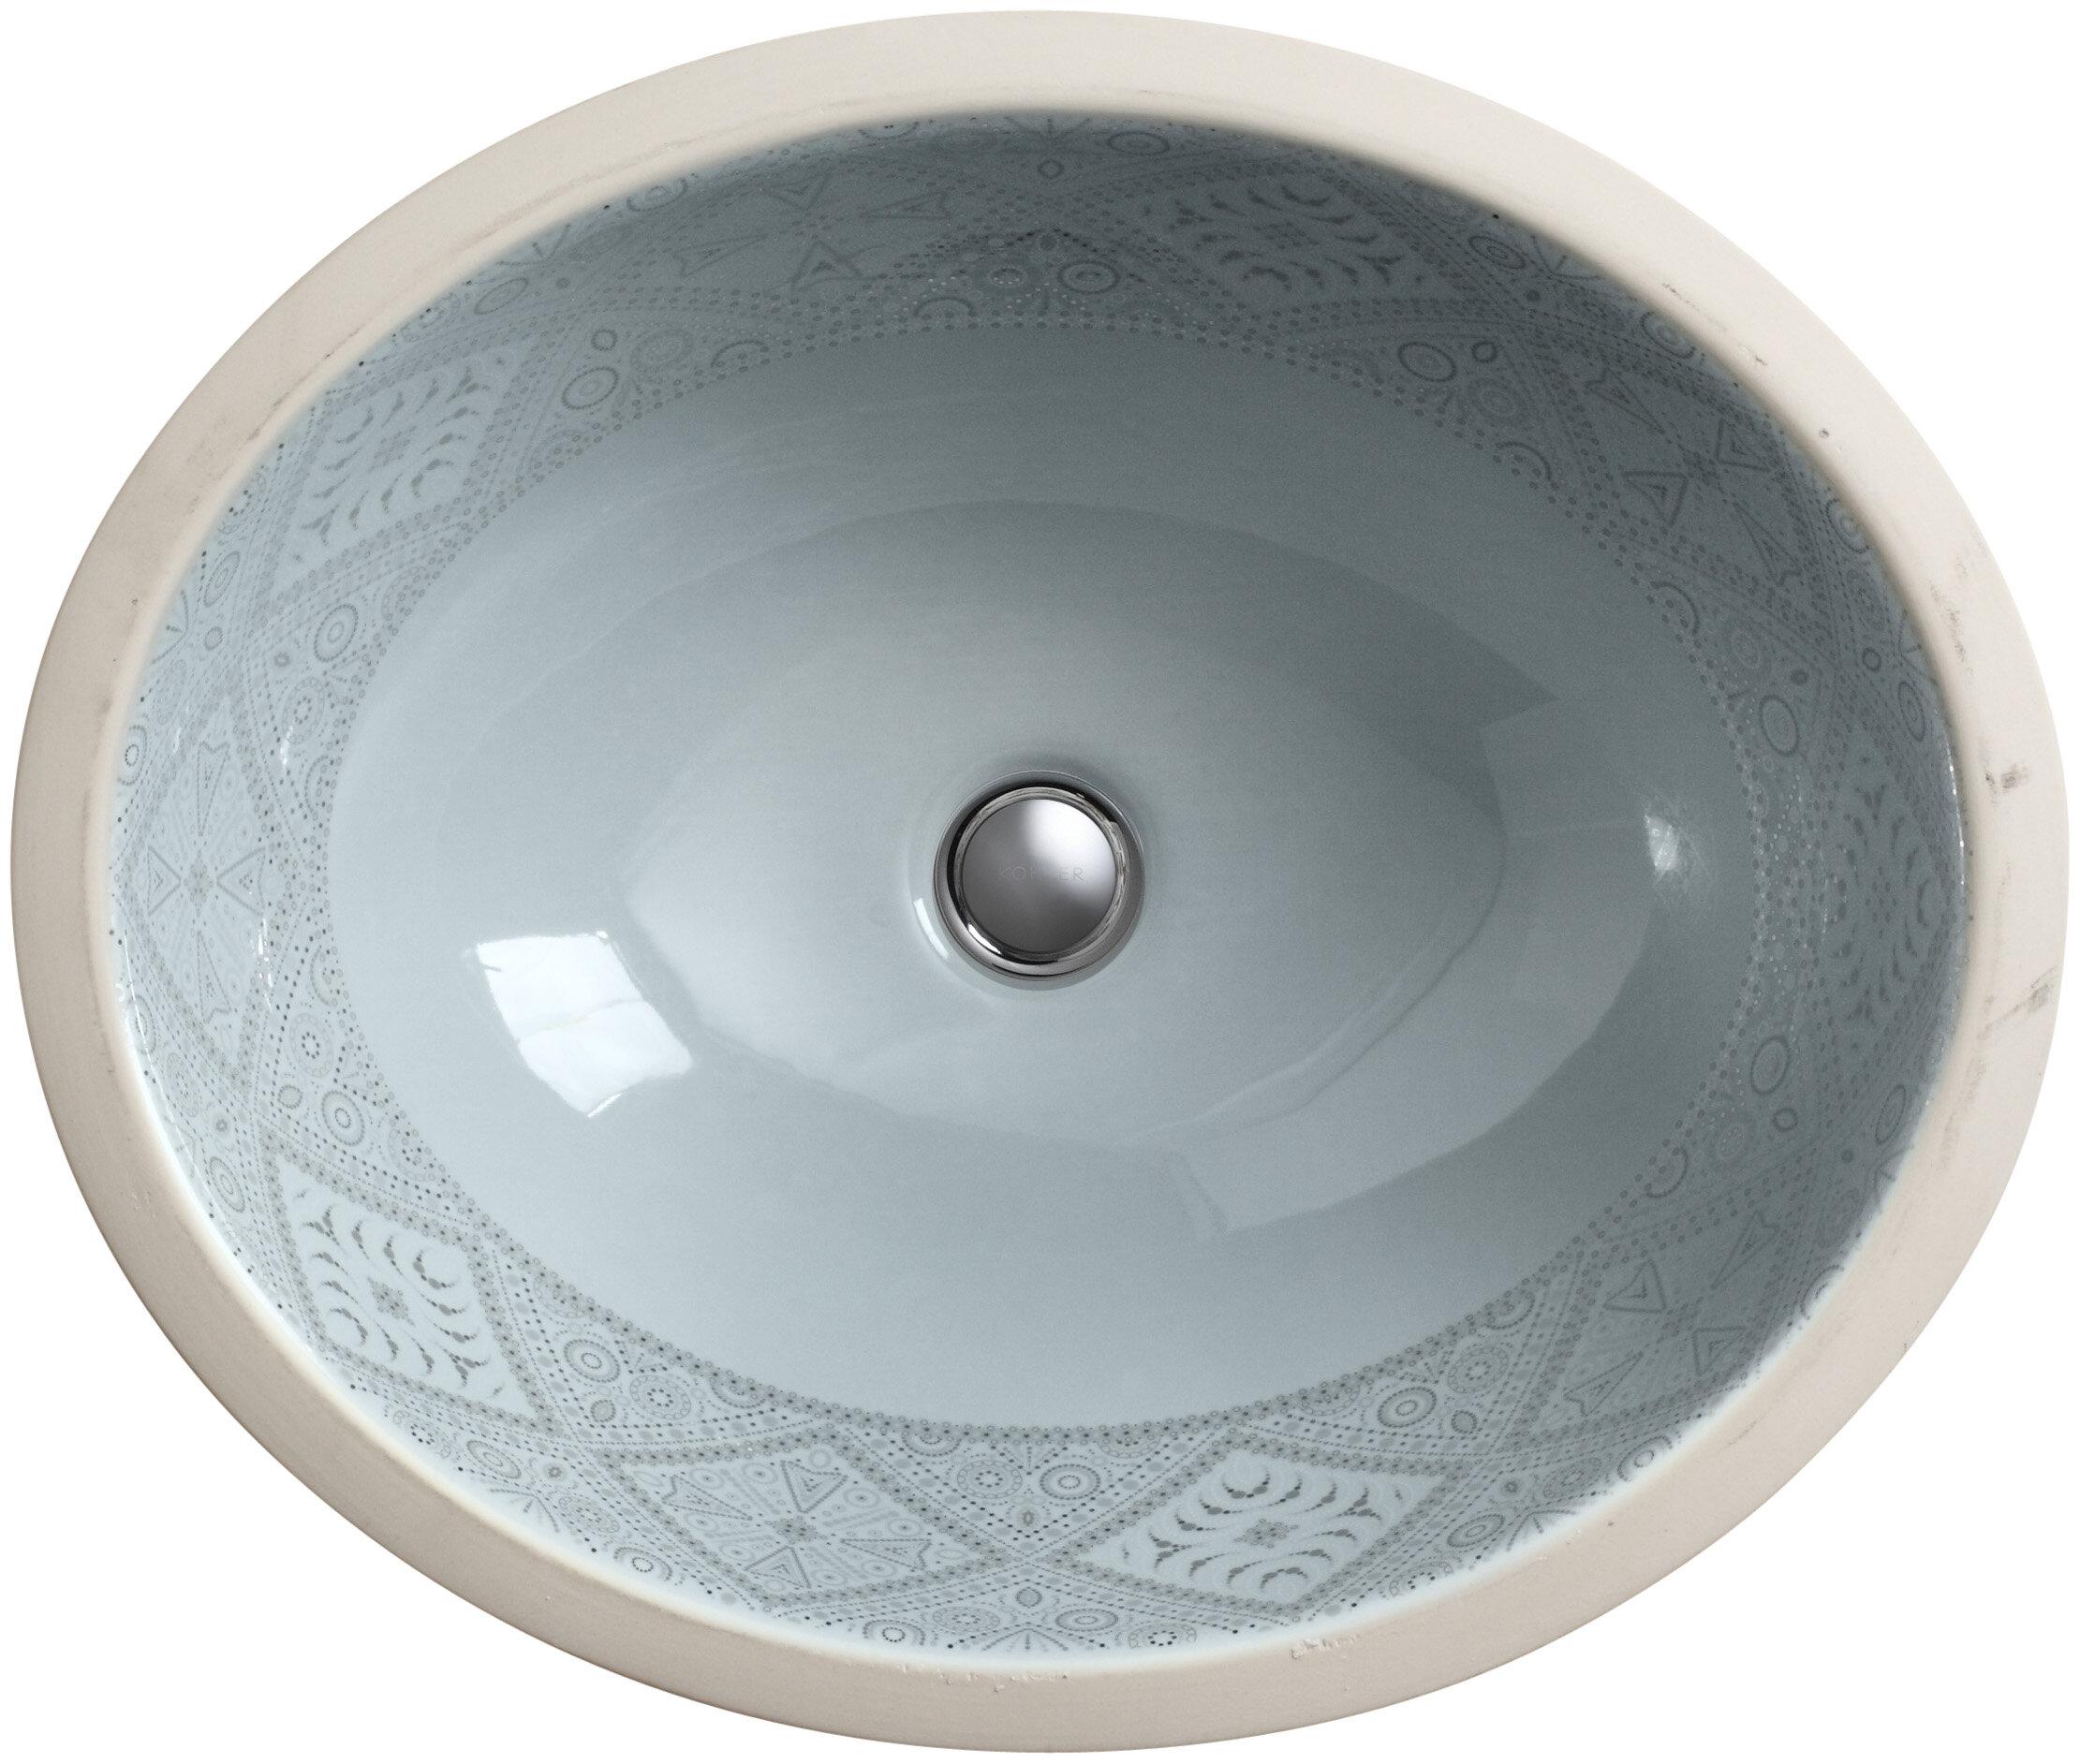 K-14218-SR1-K7 Kohler Caravan Ceramic Oval Undermount Bathroom Sink ...